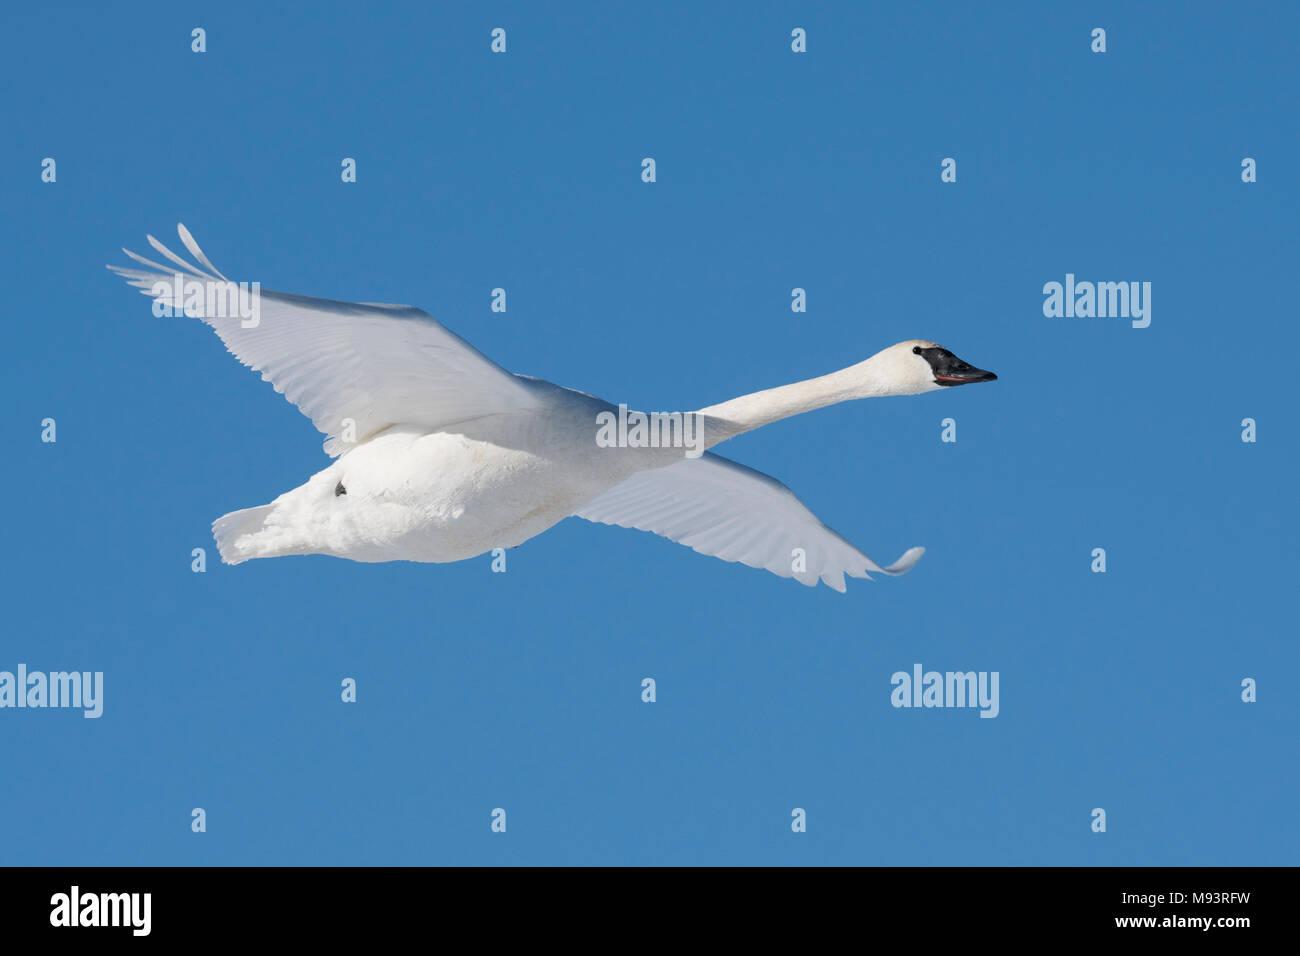 Trumpeter swan (Cygnus buccinatore) in volo, WI, Stati Uniti d'America, all'inizio di gennaio, da Dominique Braud/Dembinsky Foto Assoc Immagini Stock